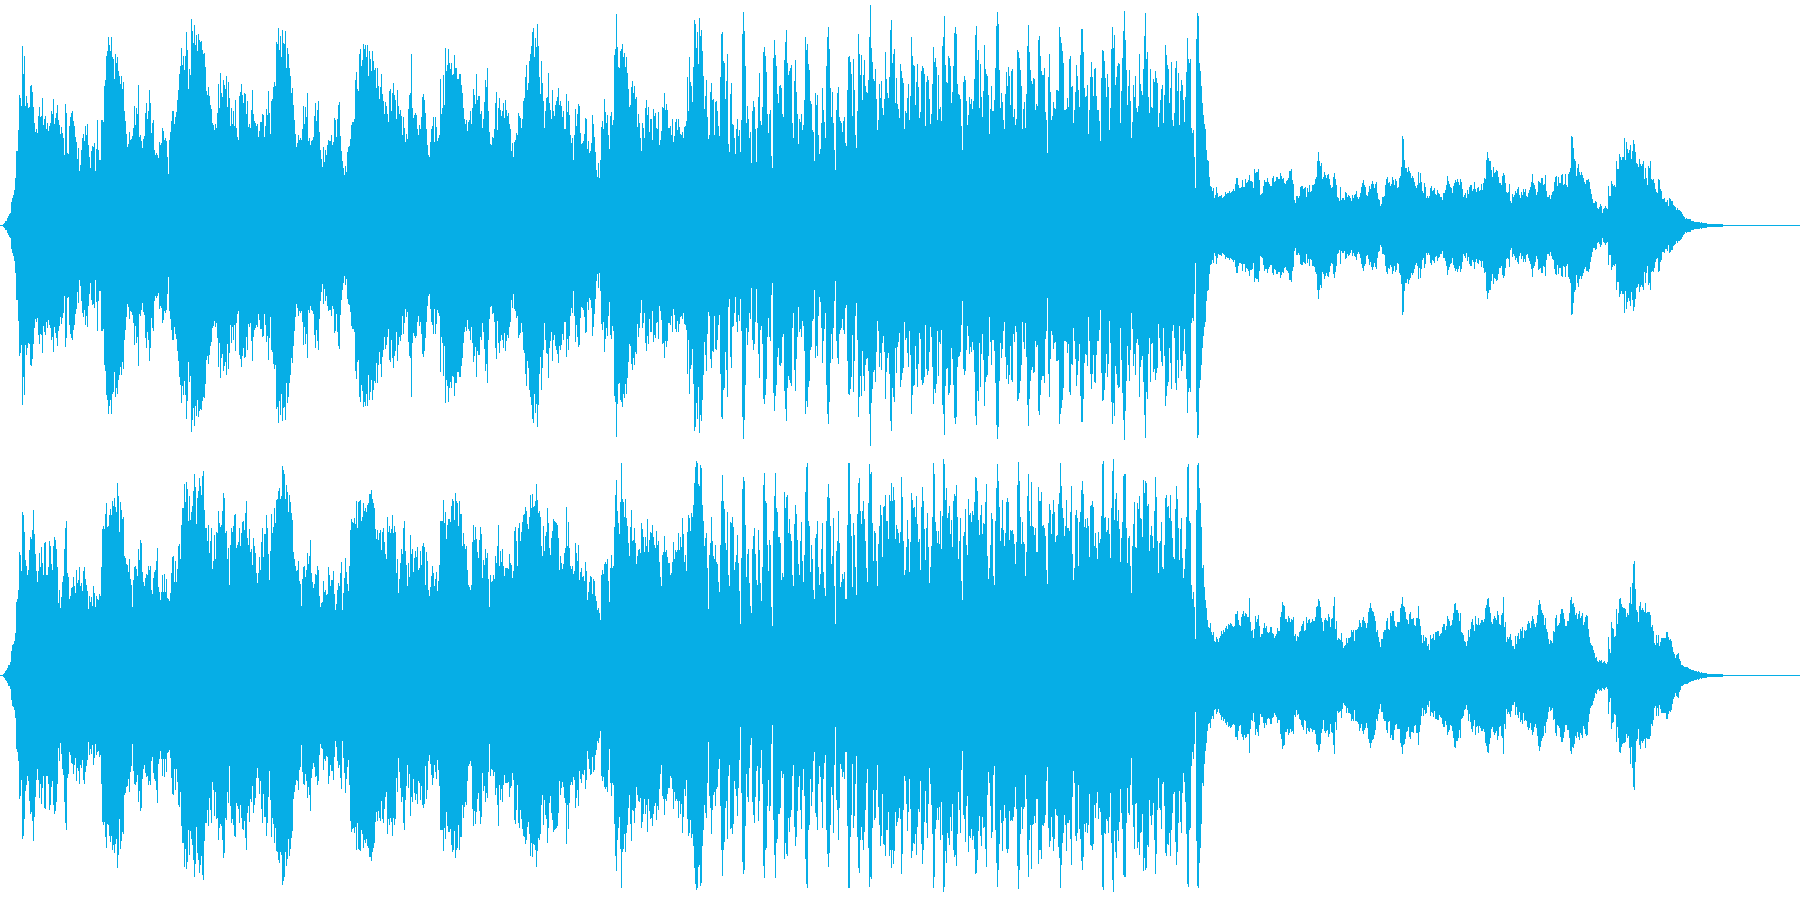 重くて激しめなボス系BGMの再生済みの波形